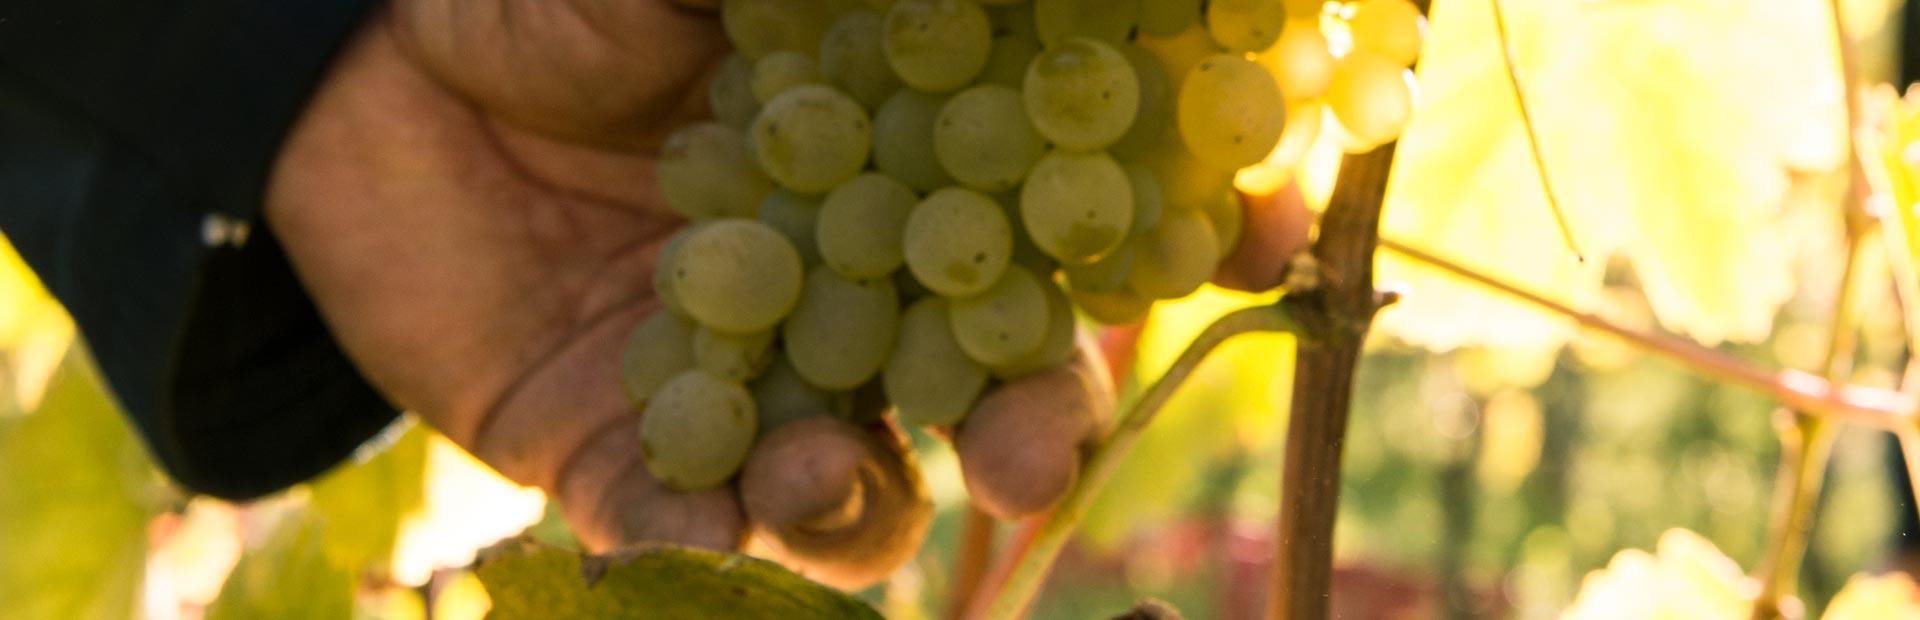 fattoria pagano schede vini_fabula